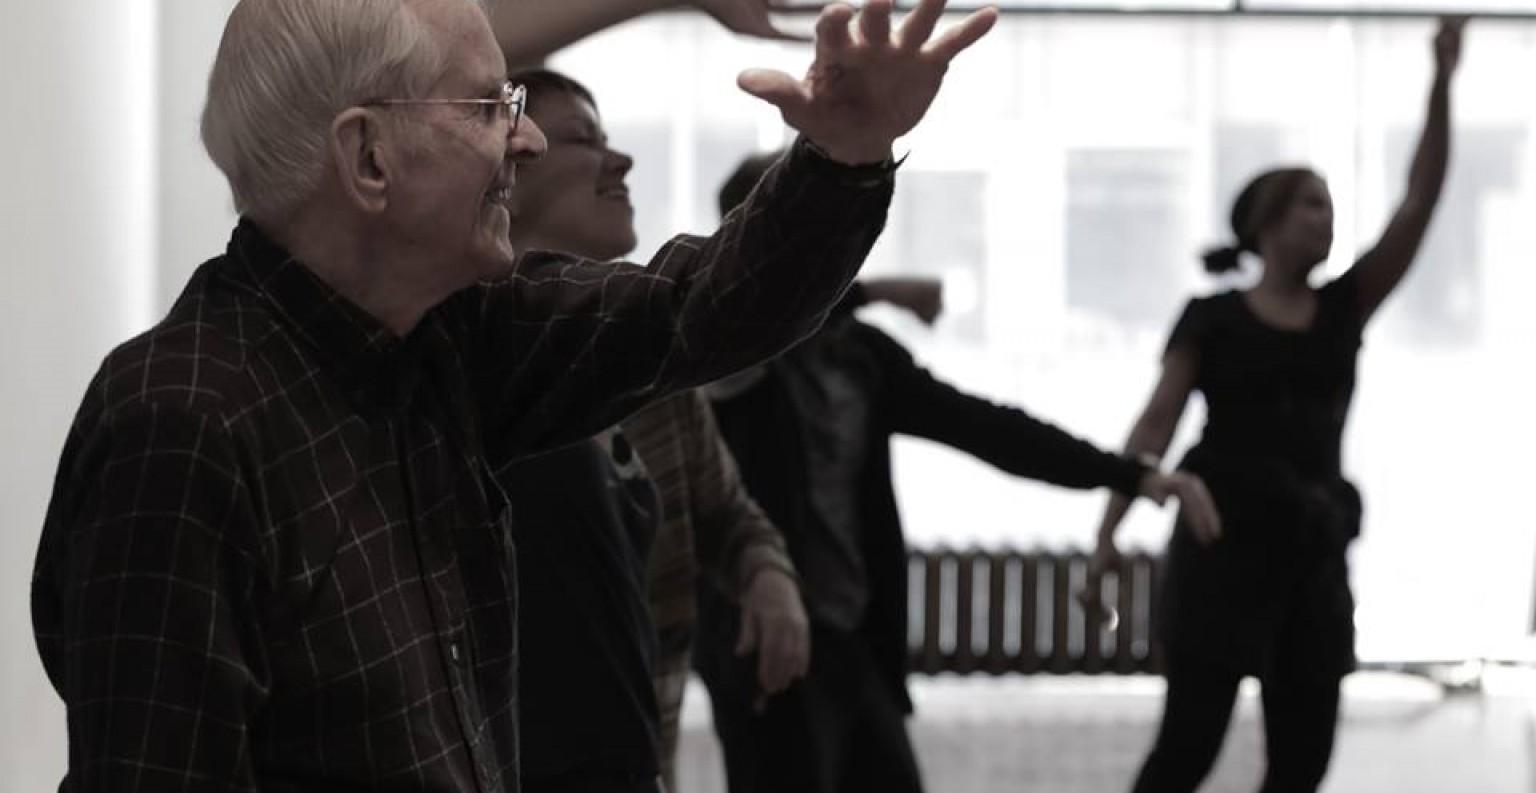 La danse libère les mouvements d'une personne atteinte de rigidité ou d'immobilité. ©PEM